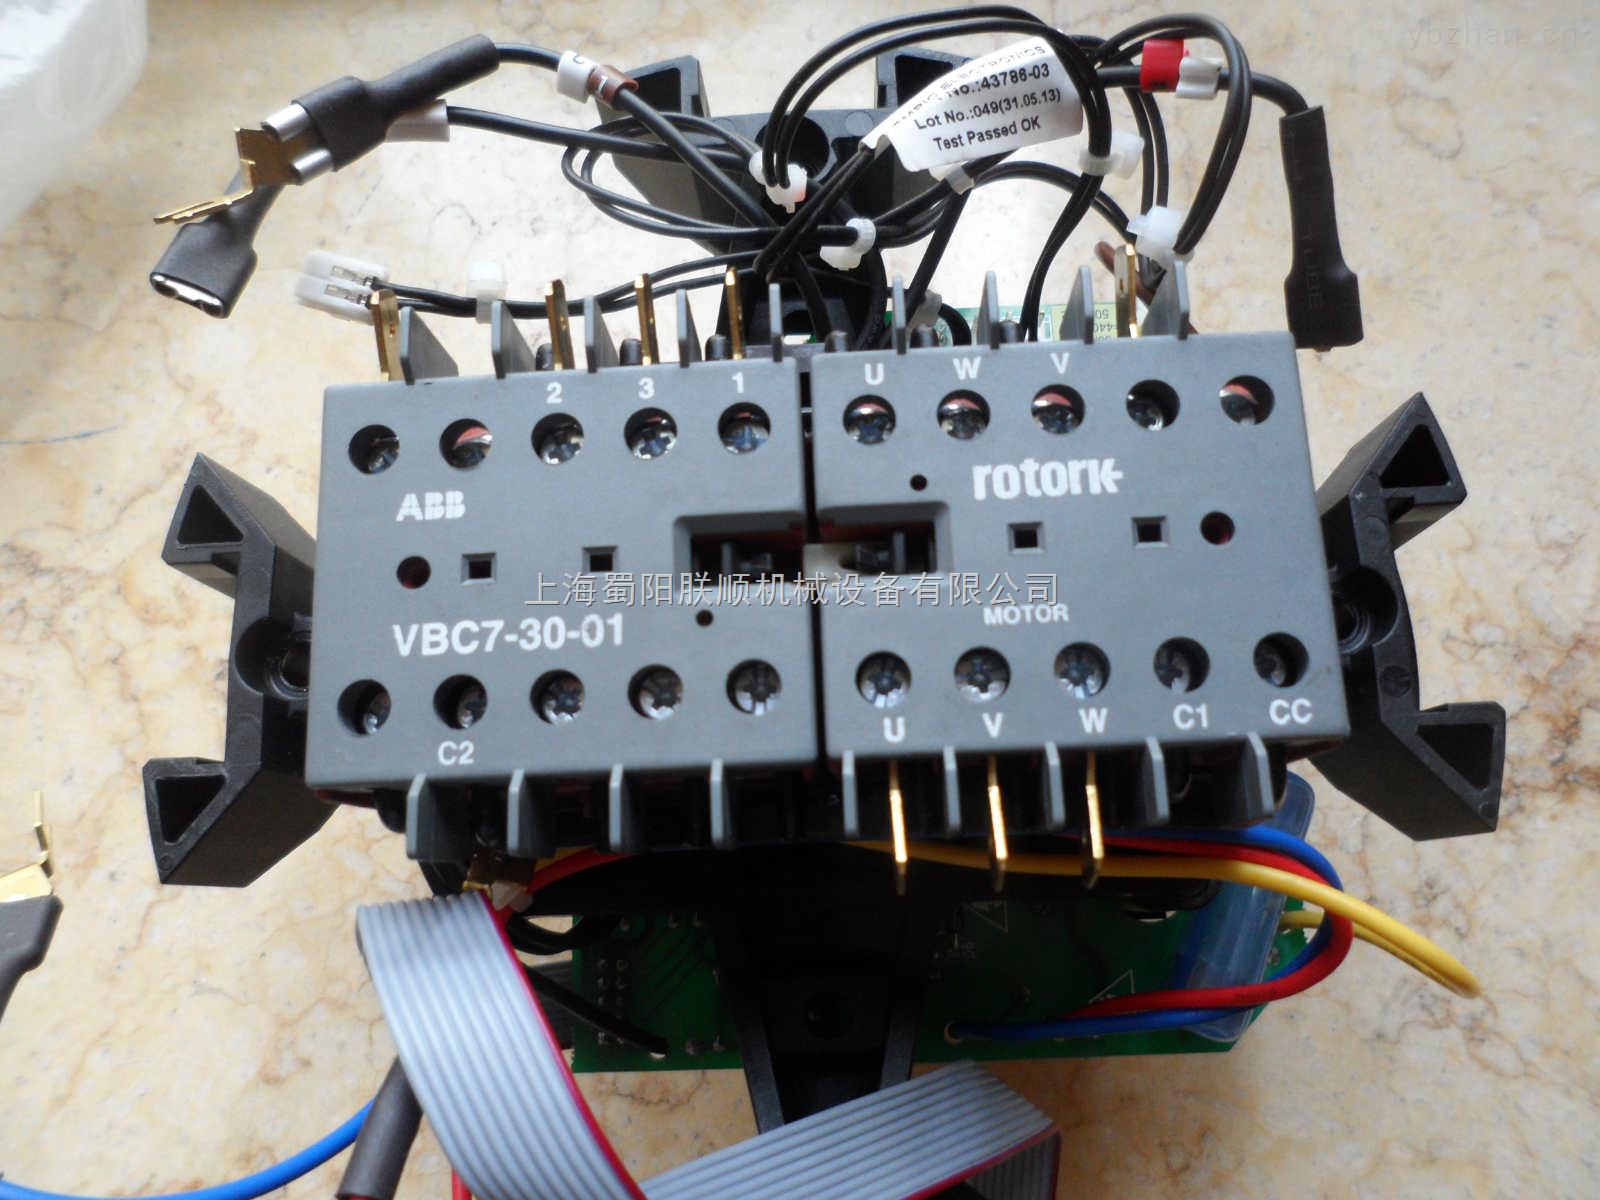 rotork接触器 6d-罗托克rotork接触器-上海蜀阳朕顺